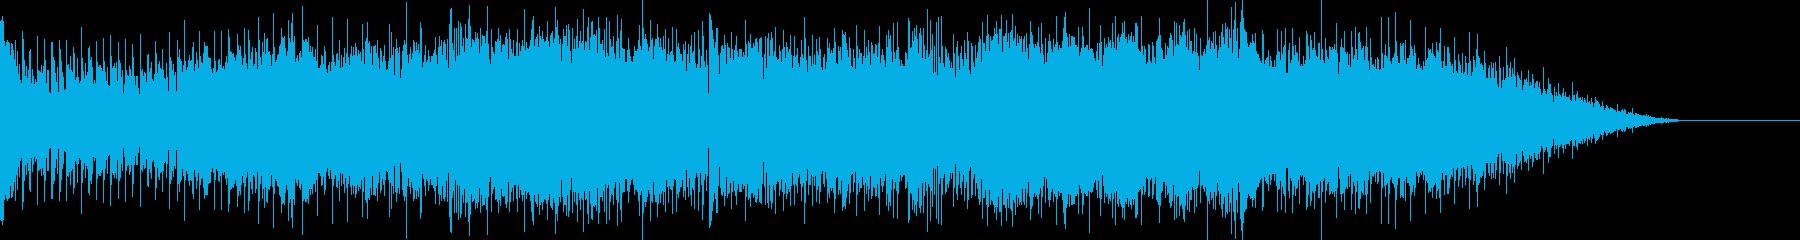 アウトロの再生済みの波形